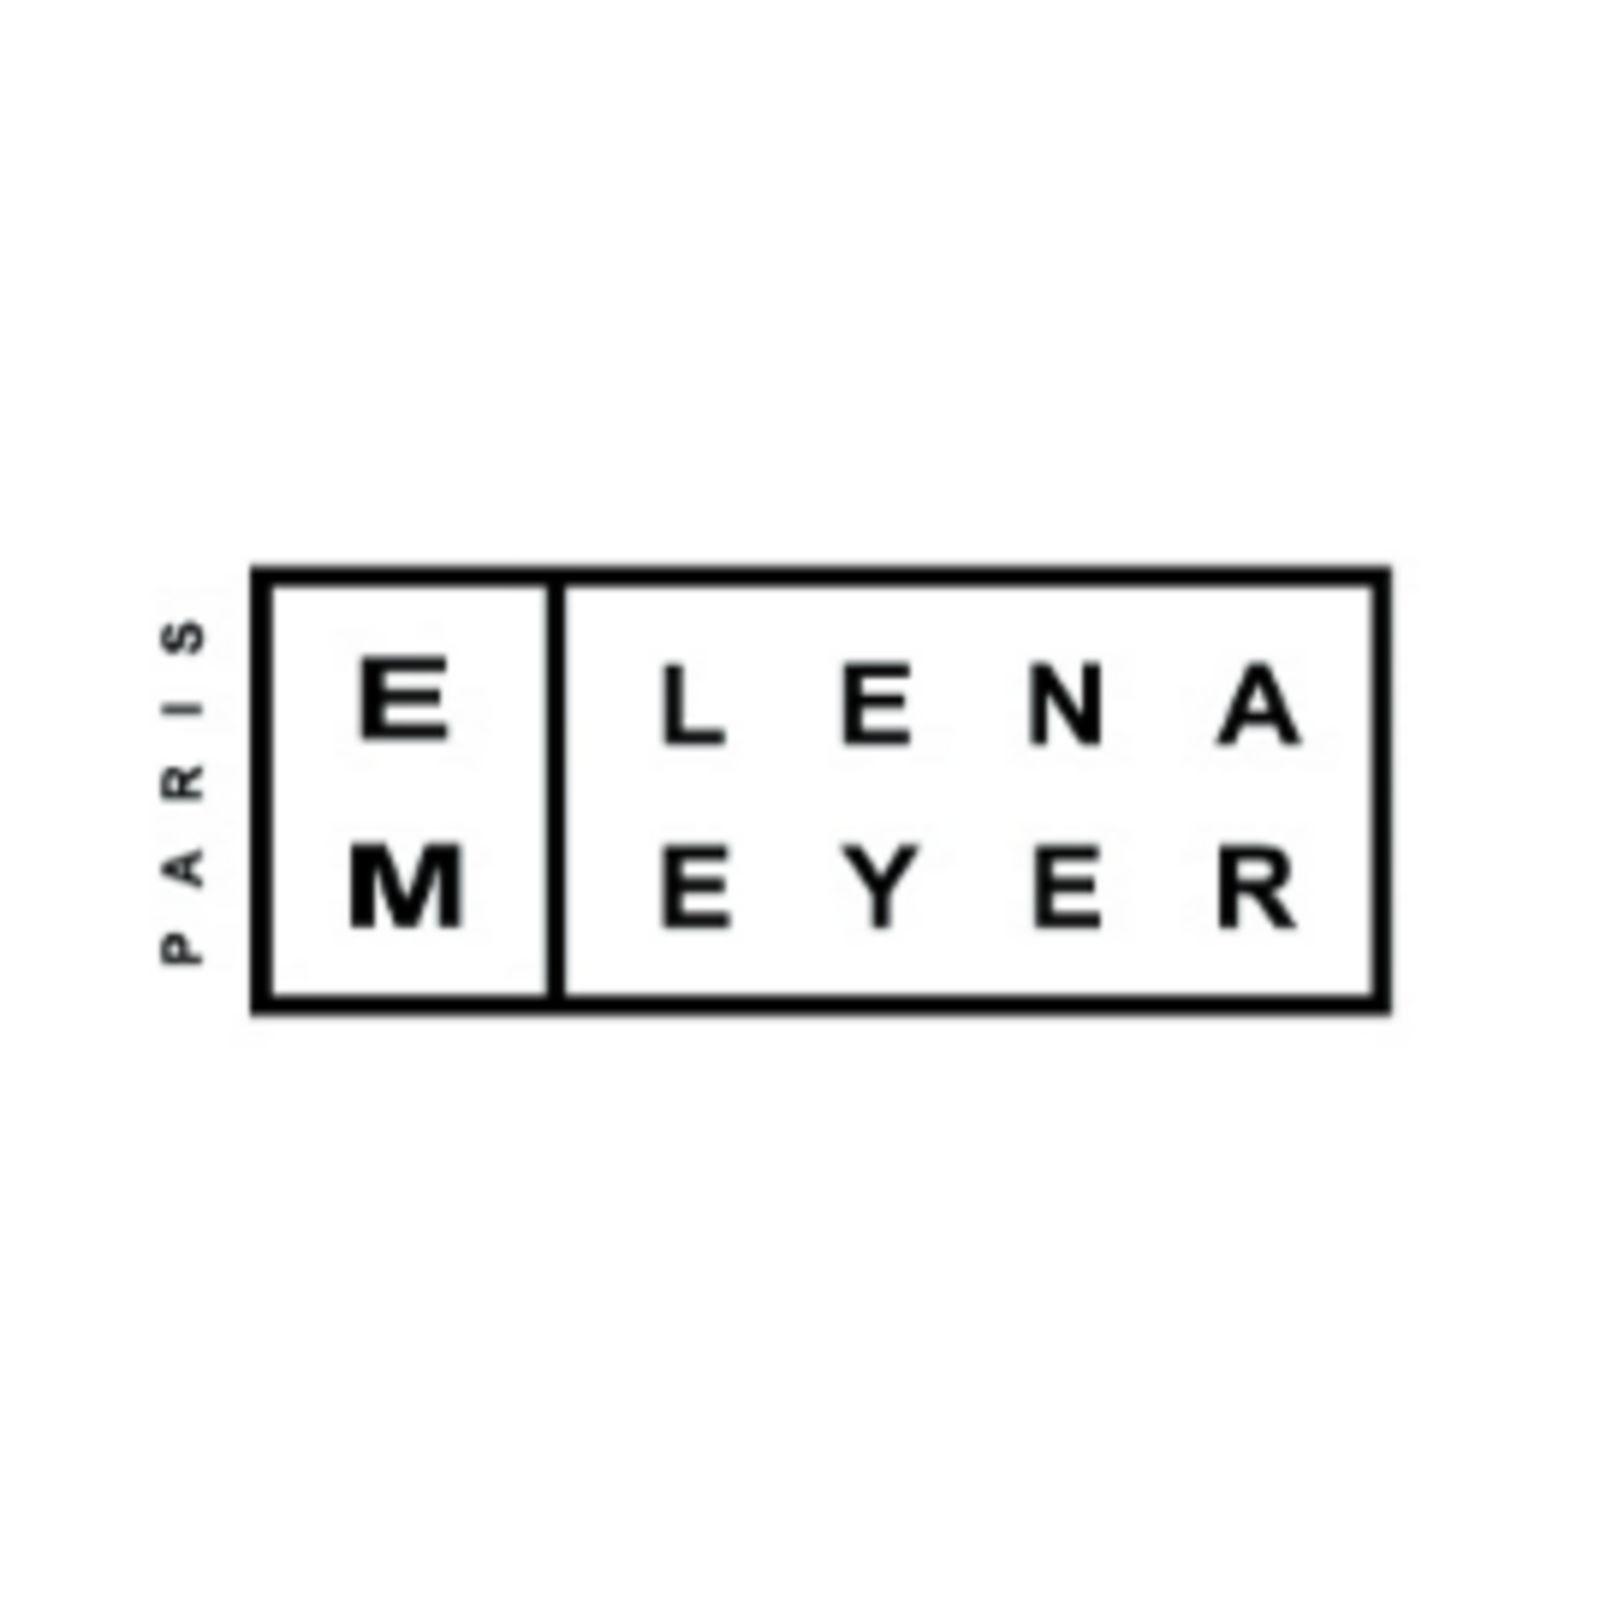 ELENA MEYER